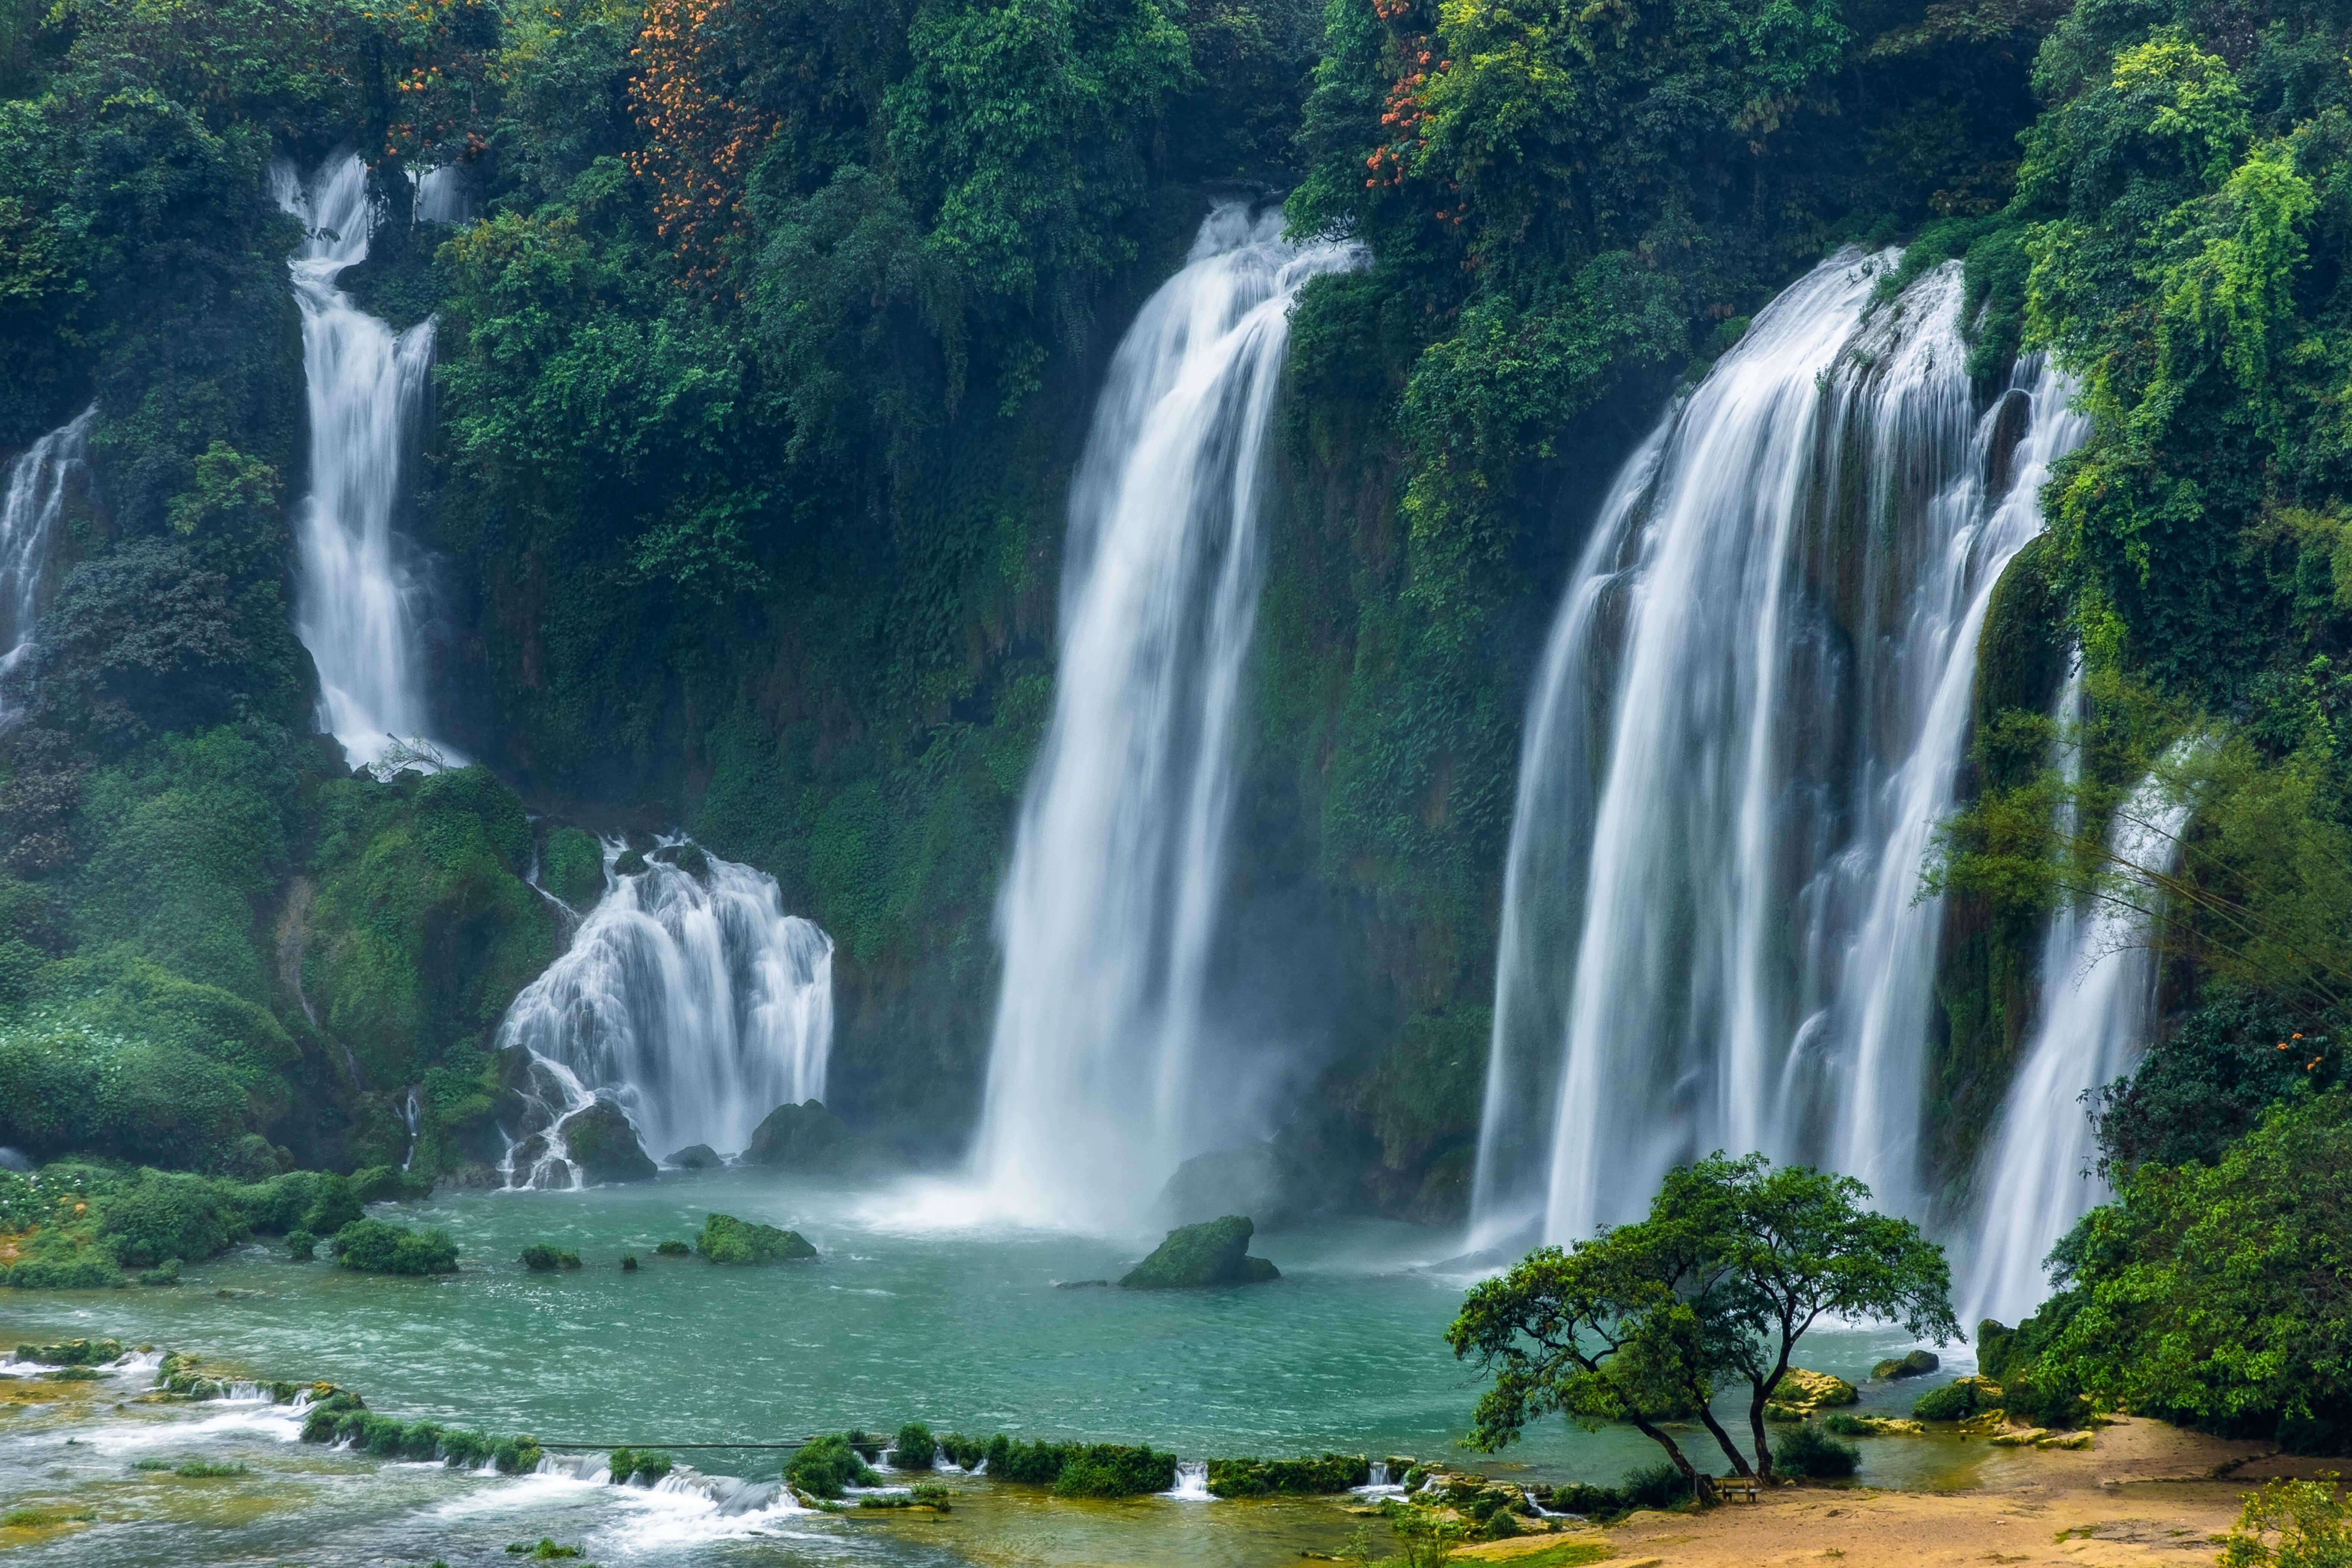 Detian waterfalls, Ban Gioc Waterfalls, Guangxi, Travel in China, China travel, China trips, Photo Tour in China, China photo tours